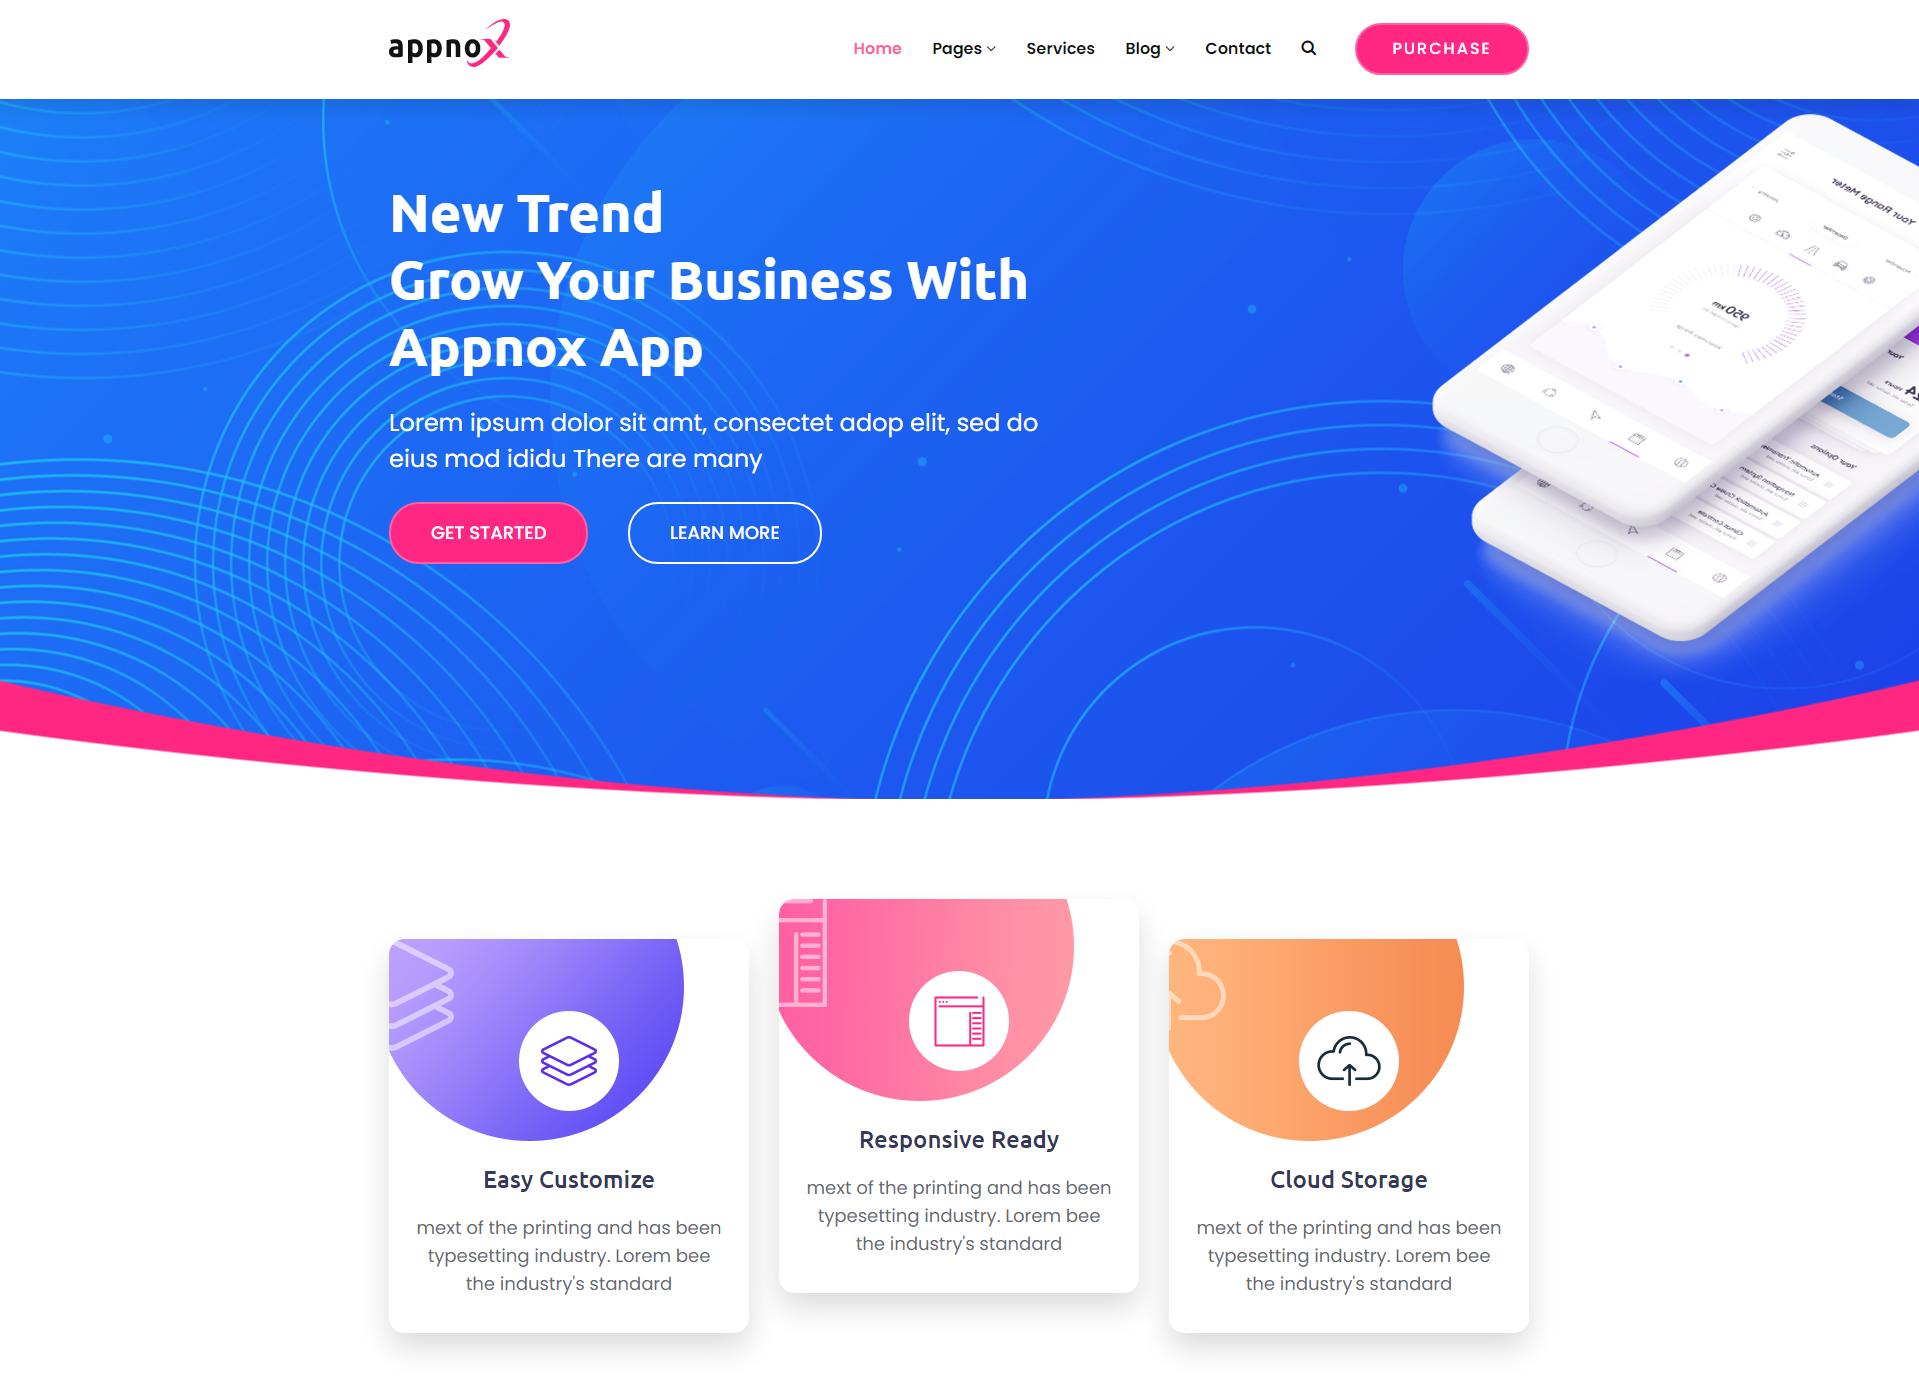 多用途的app产品软件官网模板-Appnox